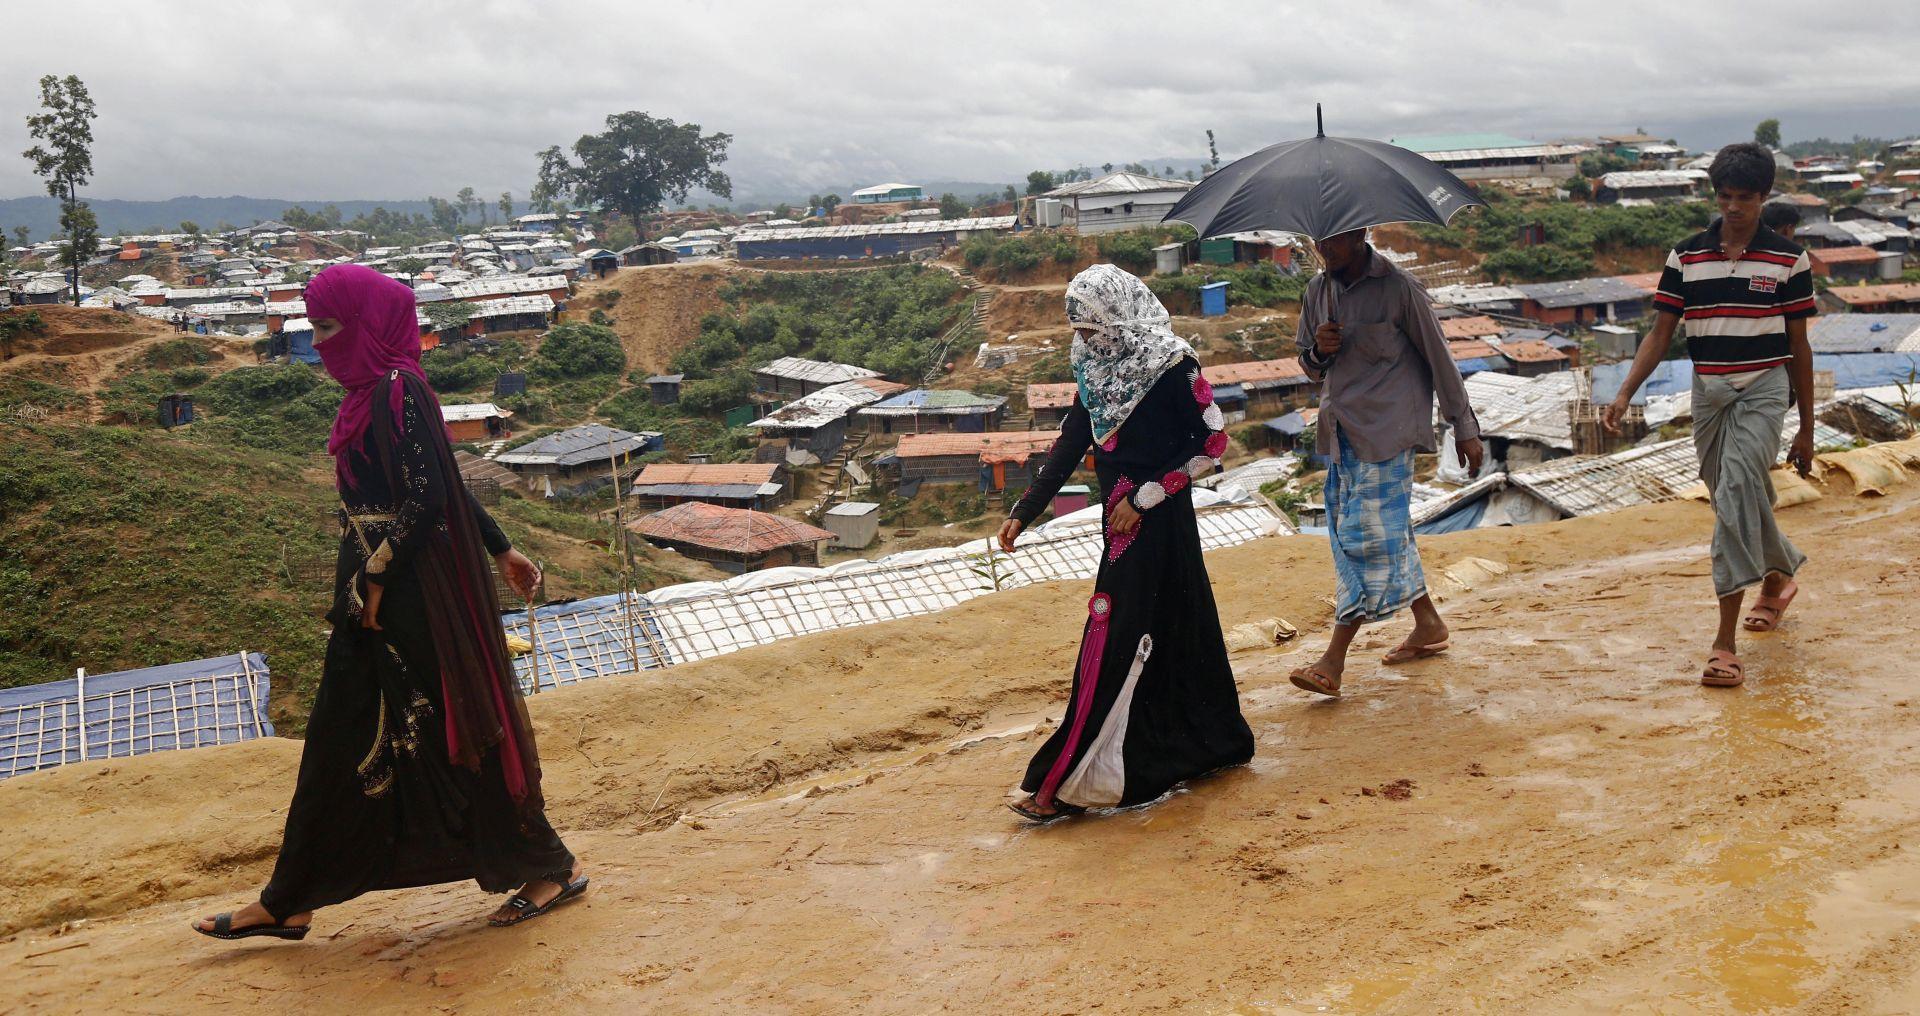 UN Mjanmarski generali zbog genocida moraju pred sud